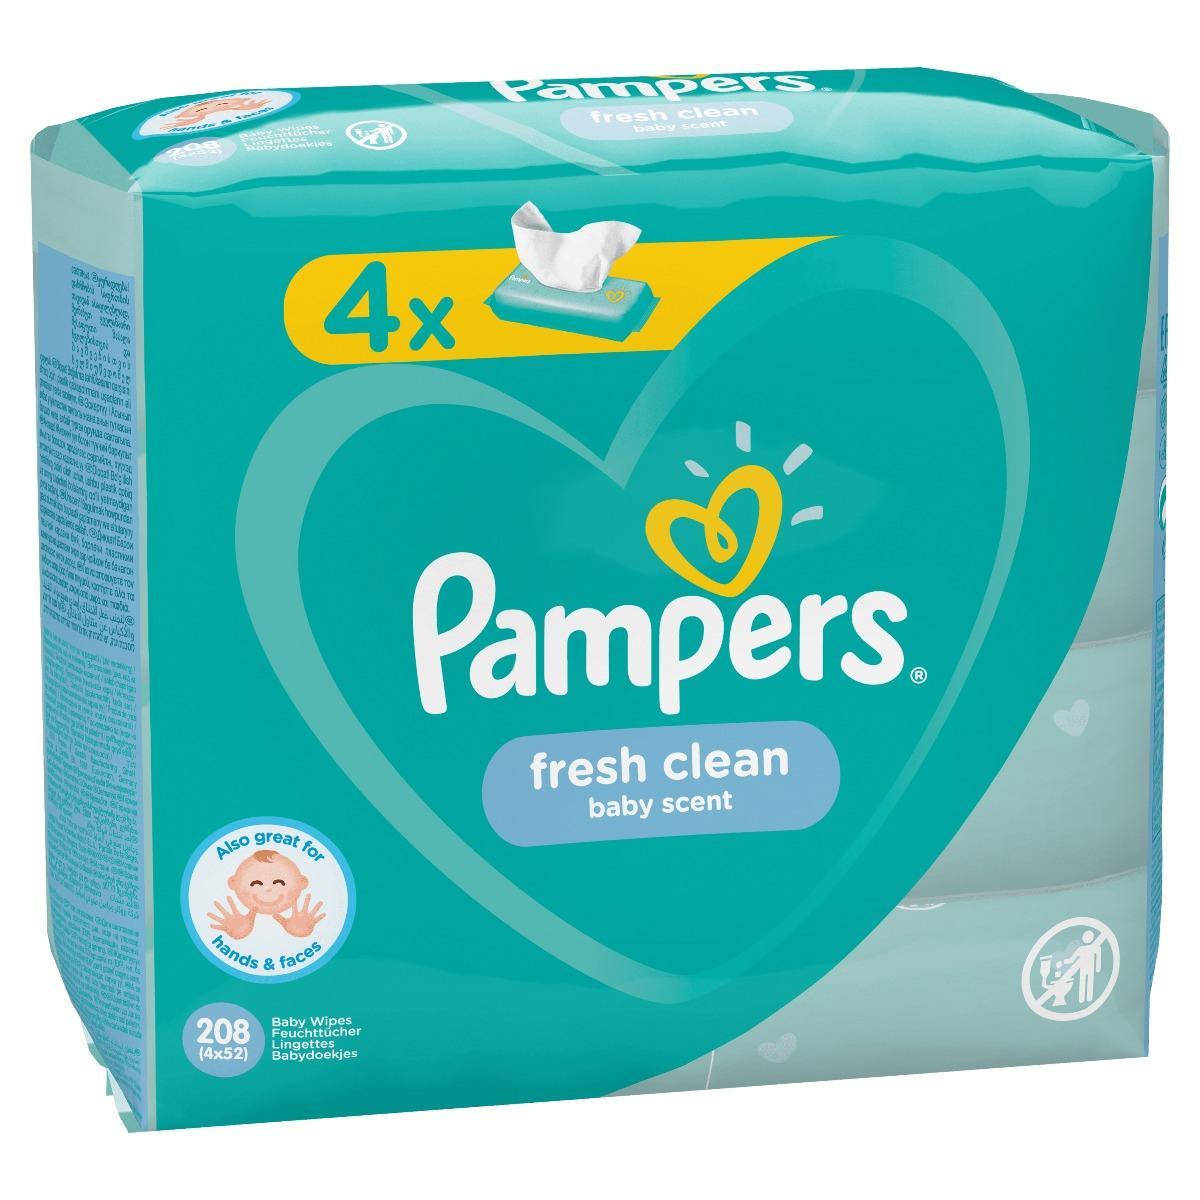 Servetele Pampers Baby Fresh, 4 pachete x 52 buc imagine